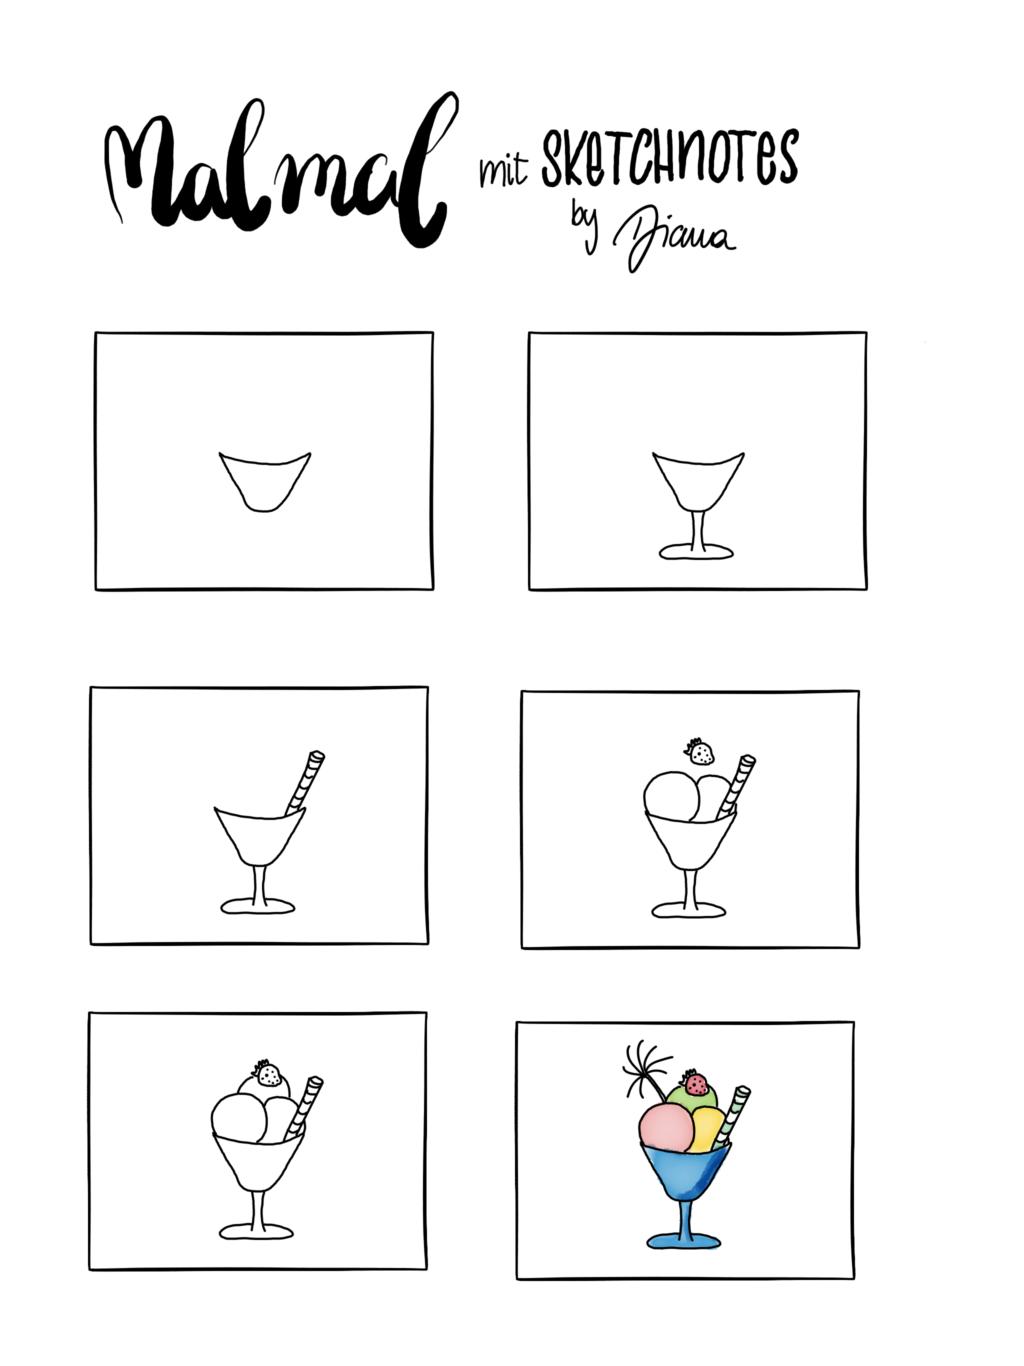 Sketchnote Anleitung Eisbecher - zum Nachzeichnen - Sketchnotes by Diana